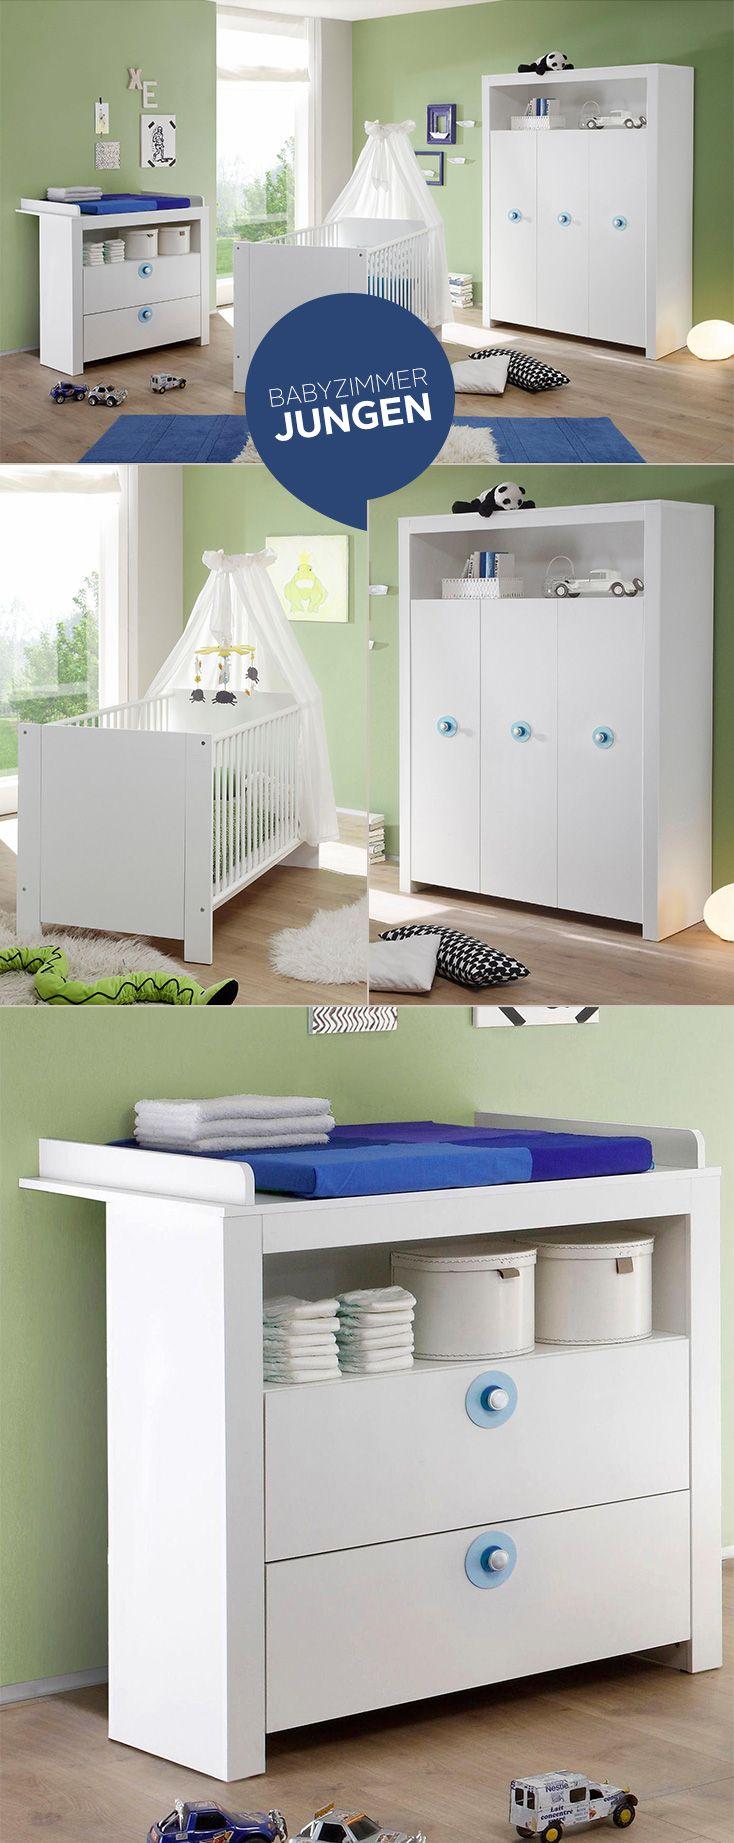 Popular Komplett Babyzimmer Trend Babybett Wickelkommode Kleiderschrank tlg in wei